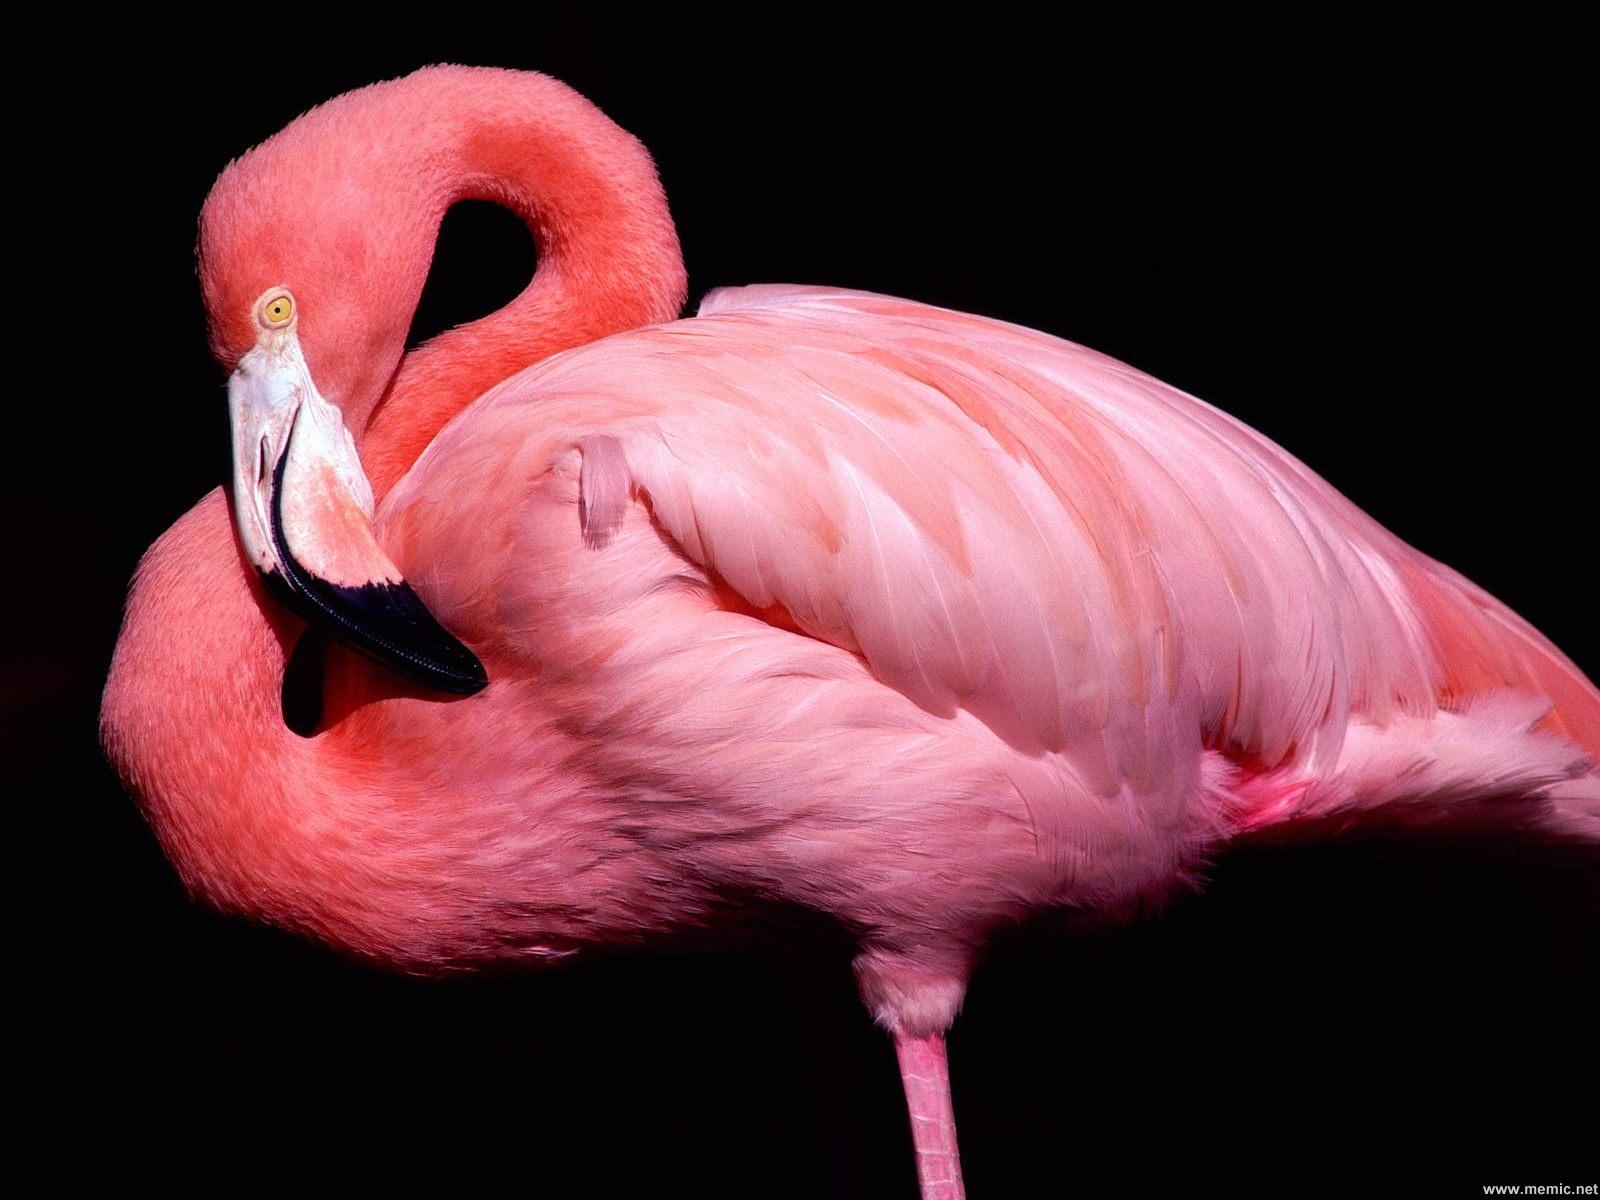 Fenicottero rosa ai Parioli tra divertimento e curiosità